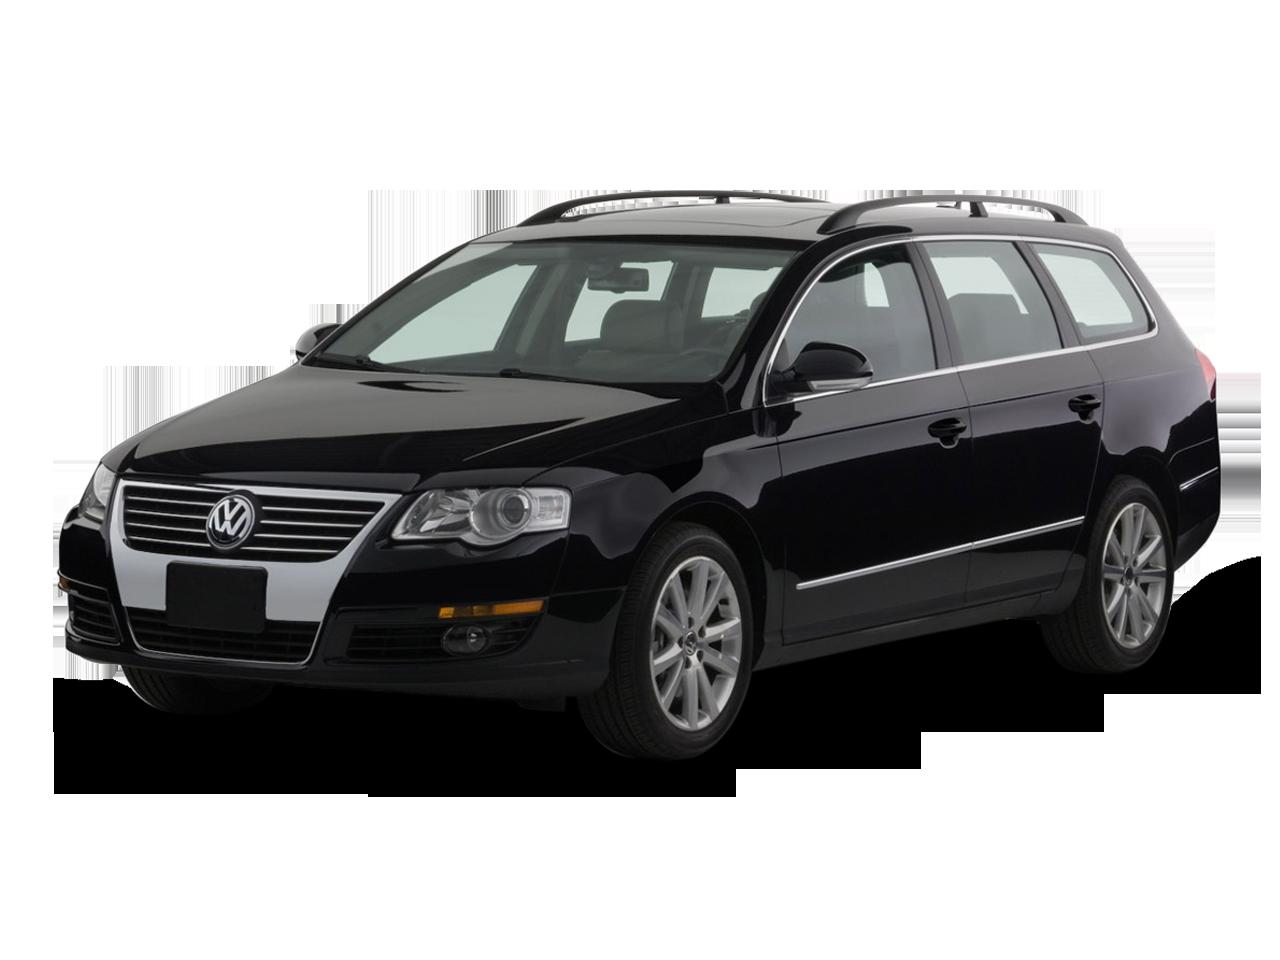 2008 volkswagen passat 2 0t lux volkswagen luxury sedan. Black Bedroom Furniture Sets. Home Design Ideas